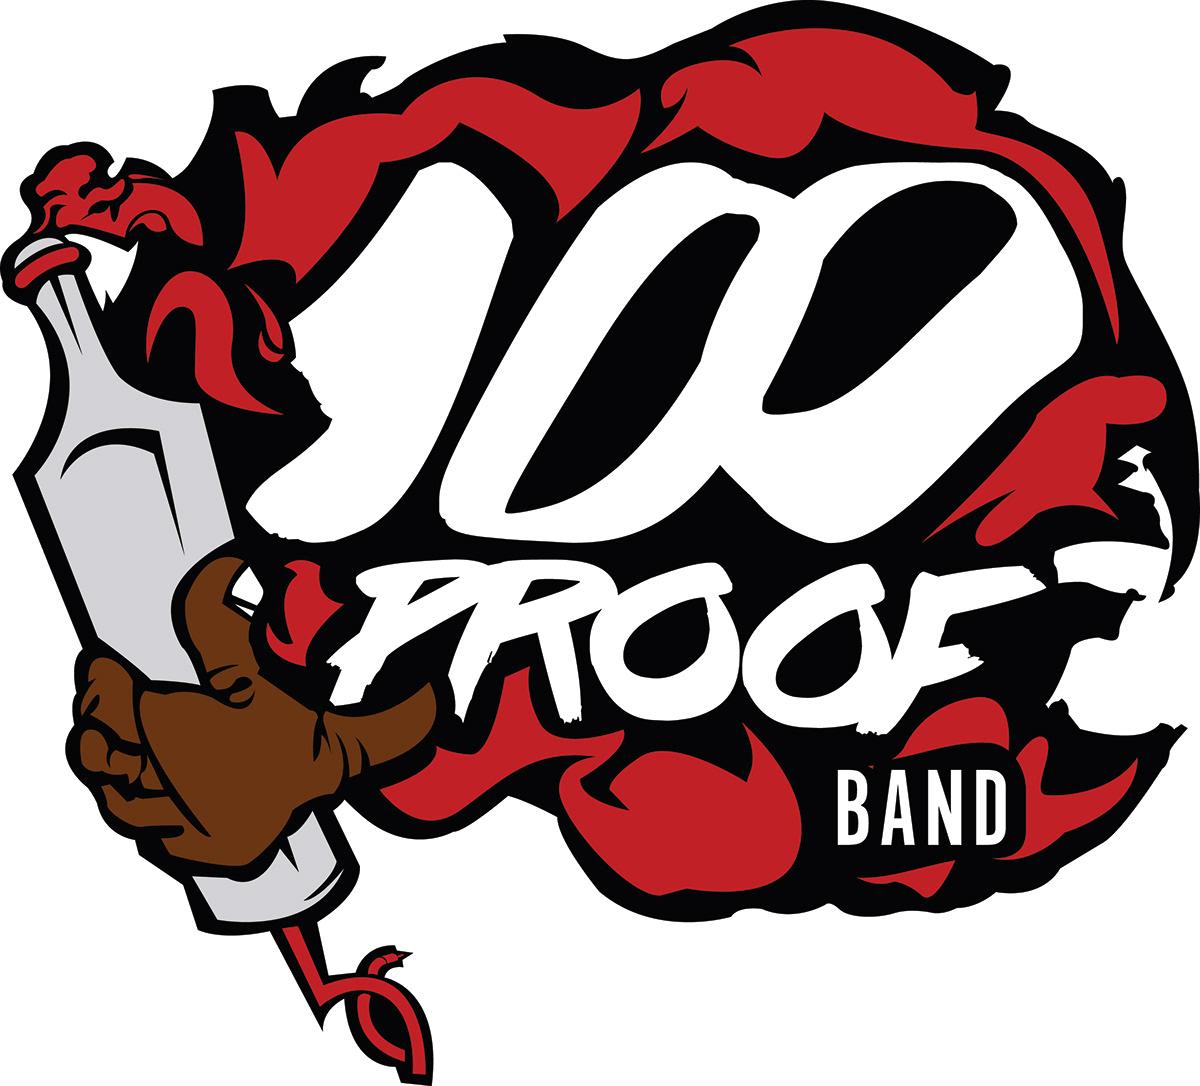 100 Pics Band Logos Answers 100 Pics Answers